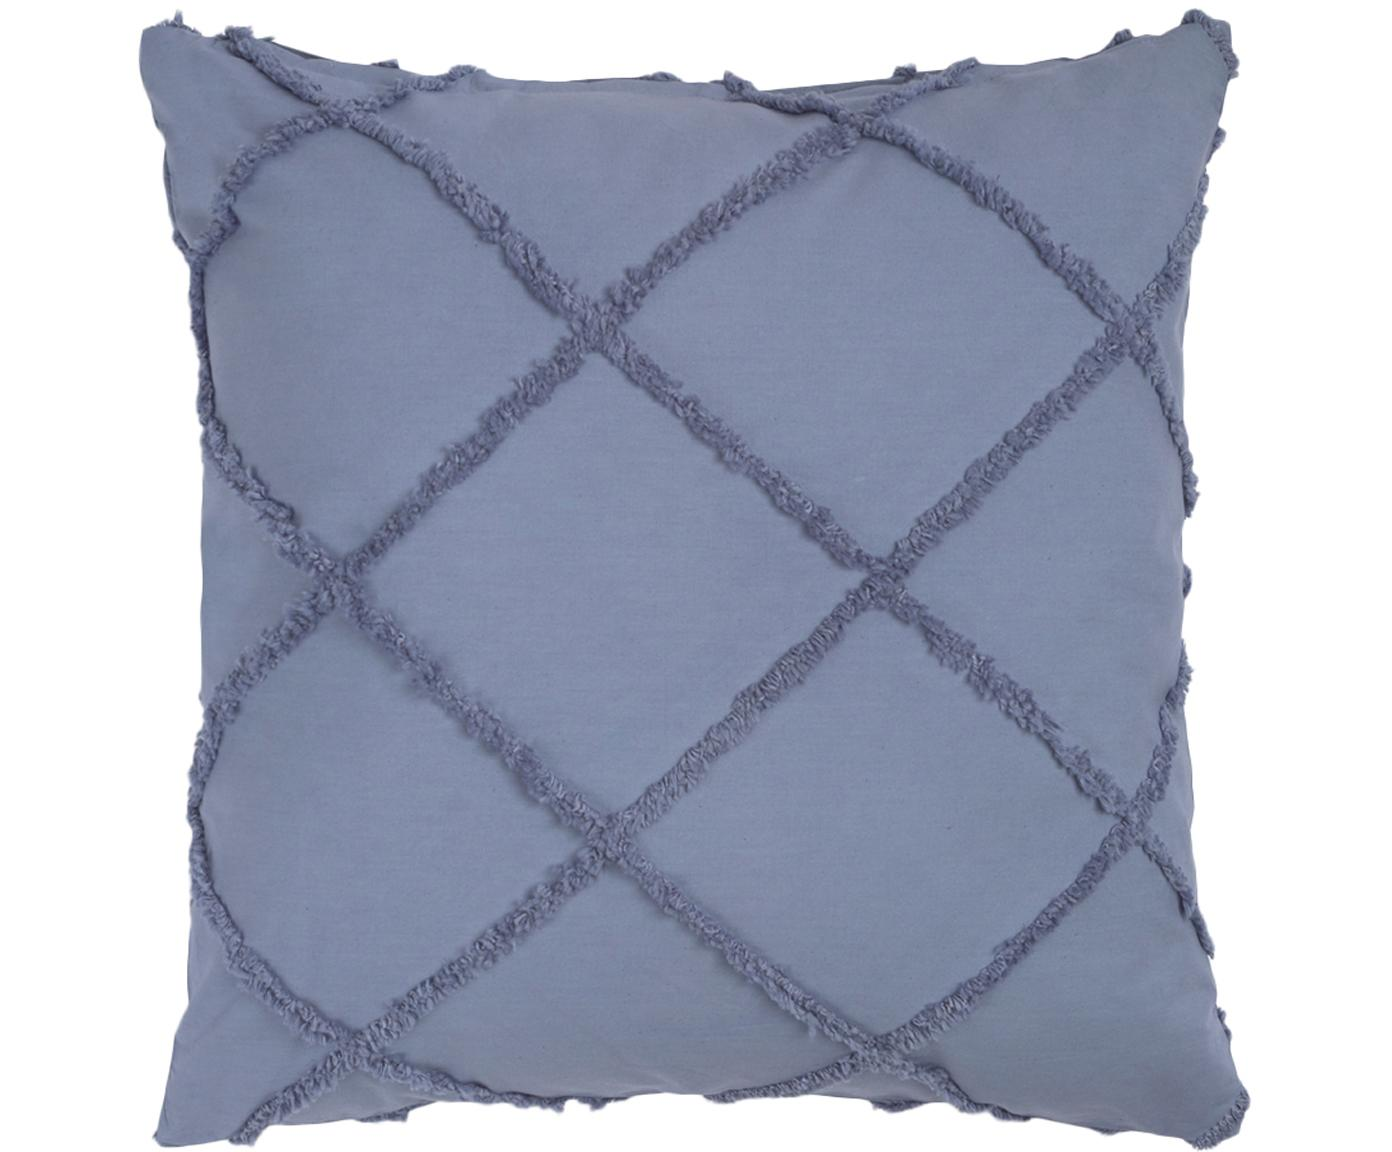 Poszewka na poduszkę King, Bawełna, Niebieski, S 45 x D 45 cm